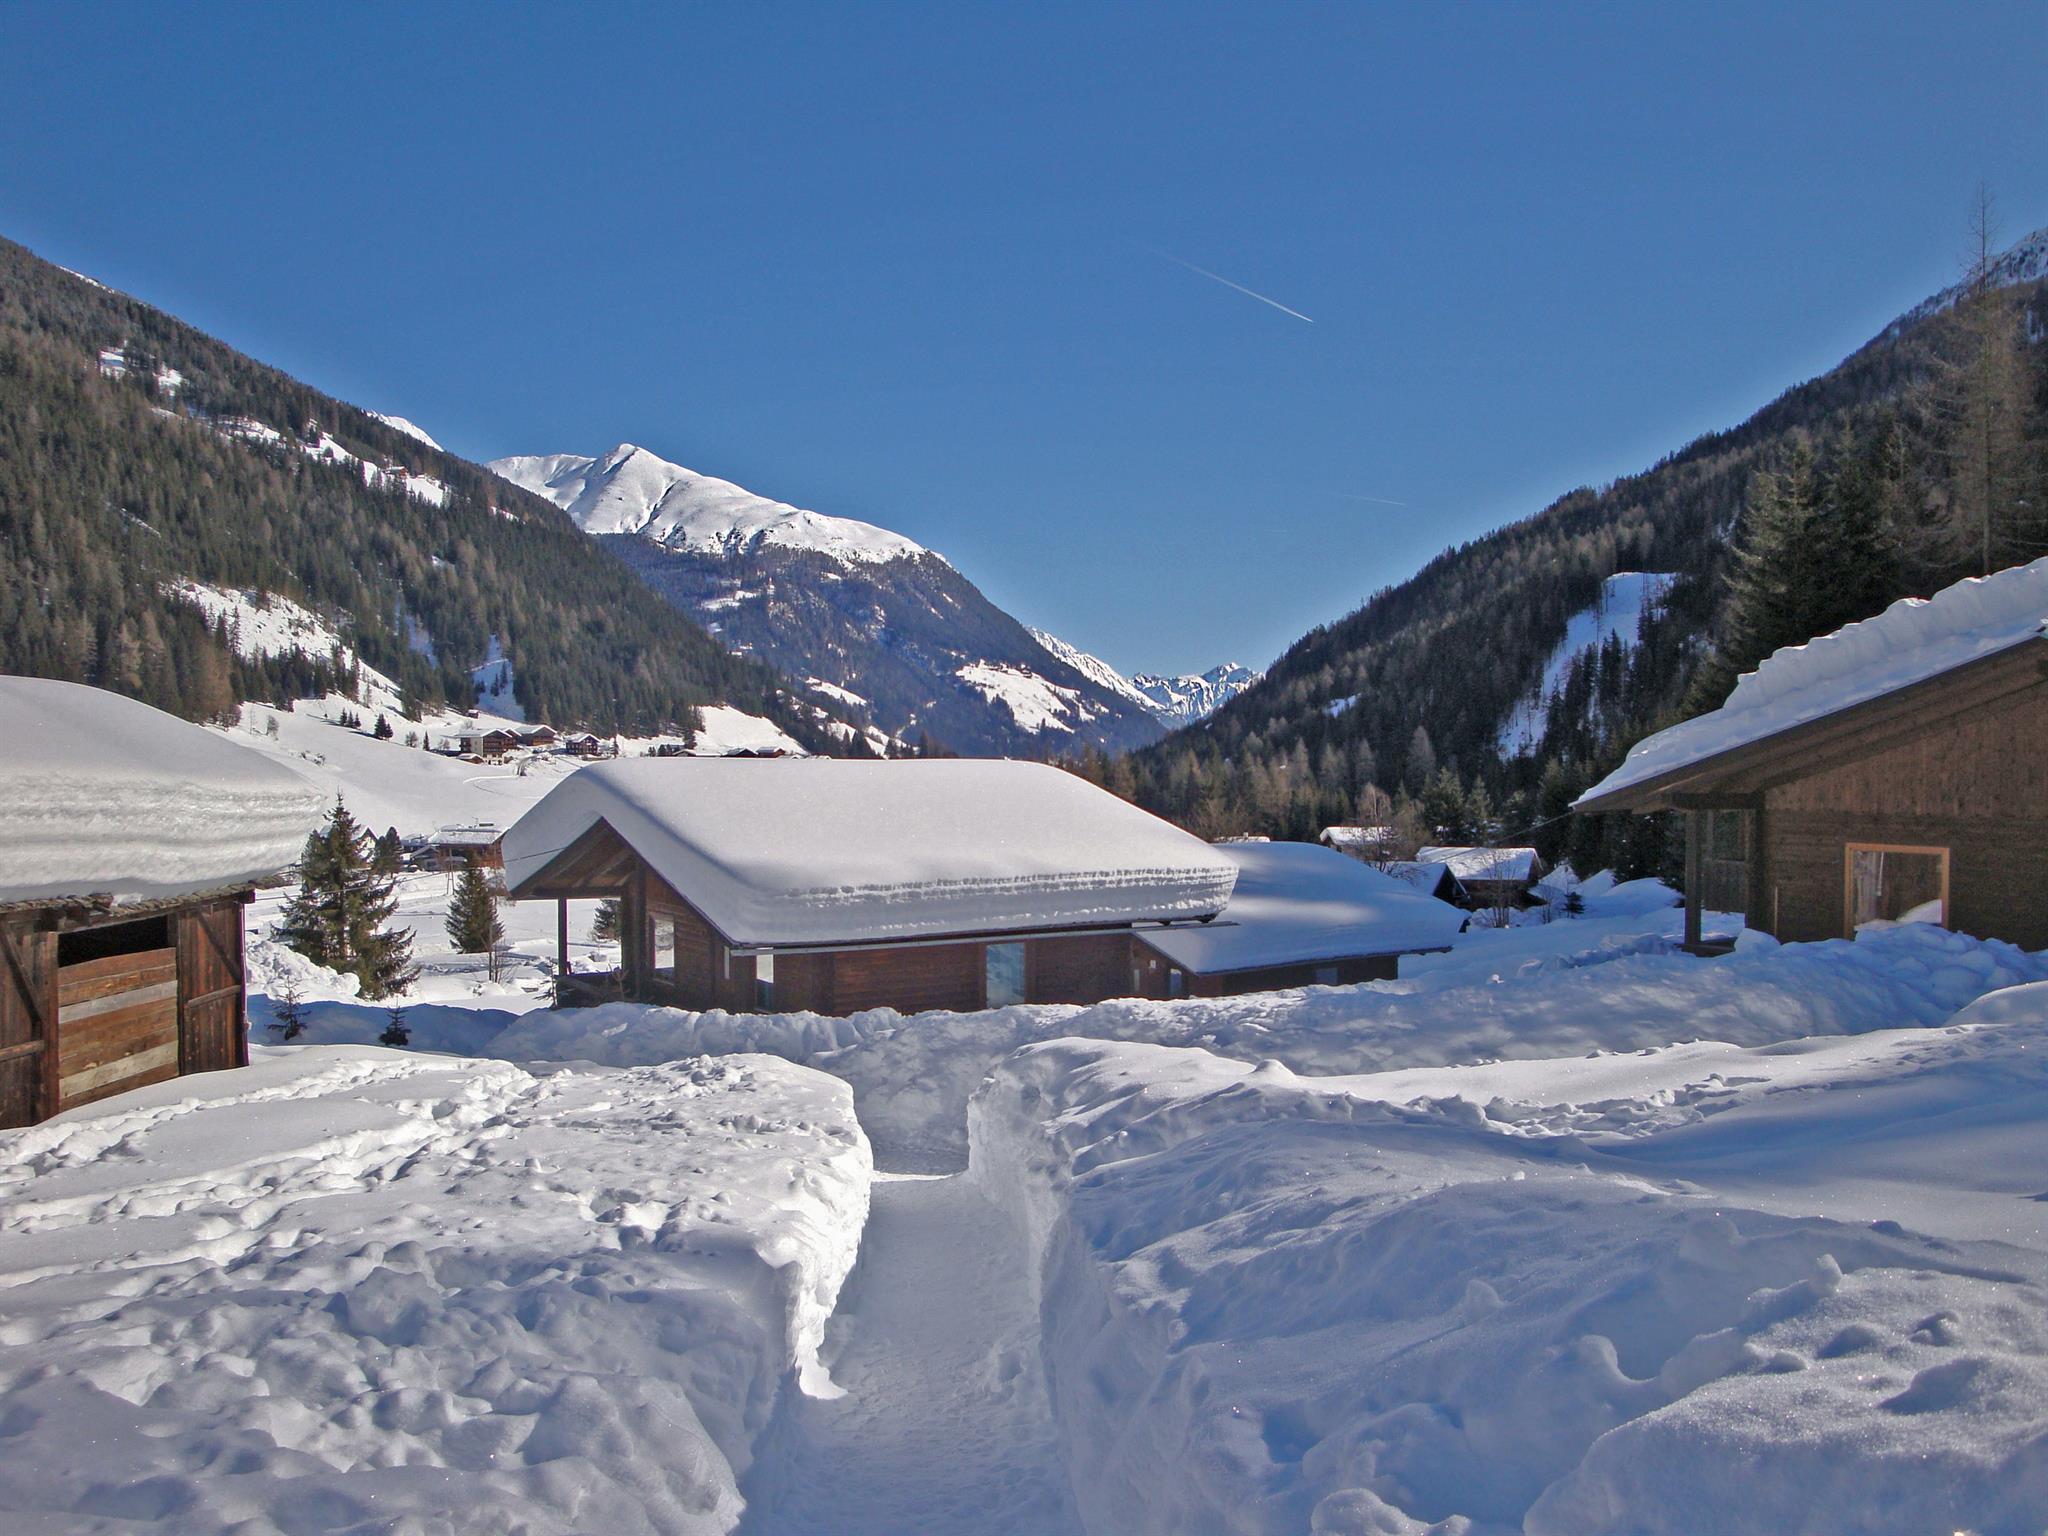 Bungalow-mit-viel-Schnee.jpg